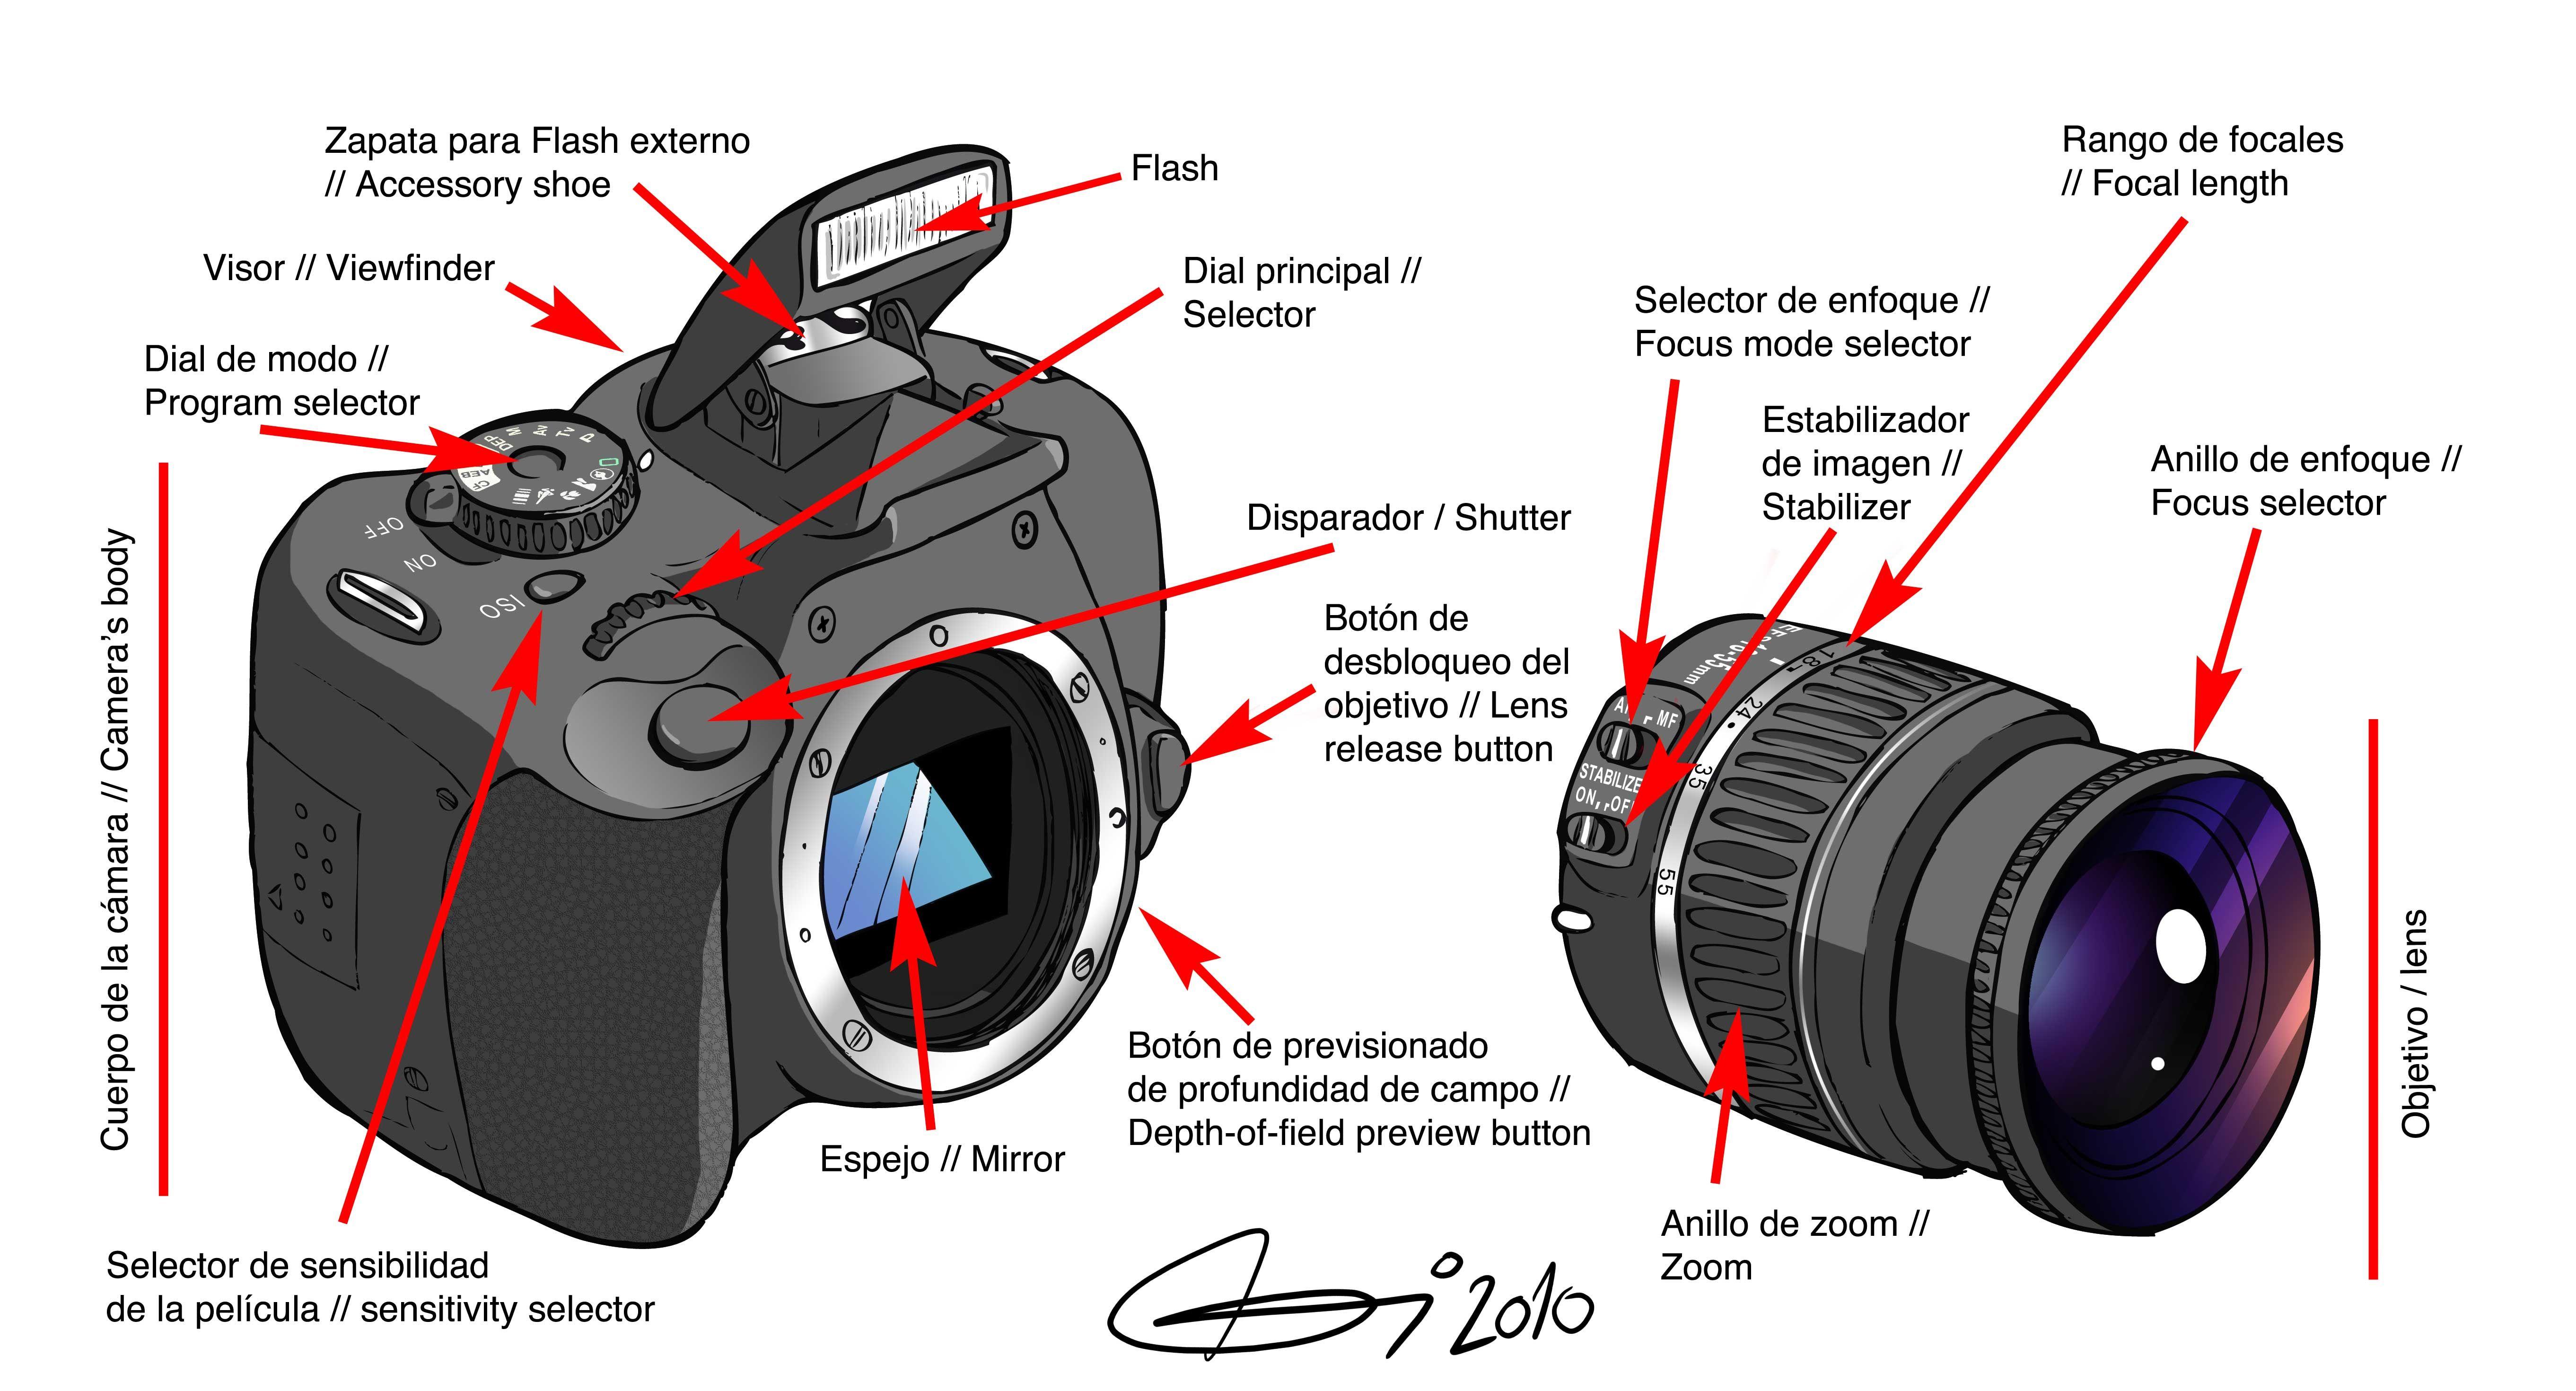 Cmara fotogrfica - Wikipedia, la enciclopedia libre 92